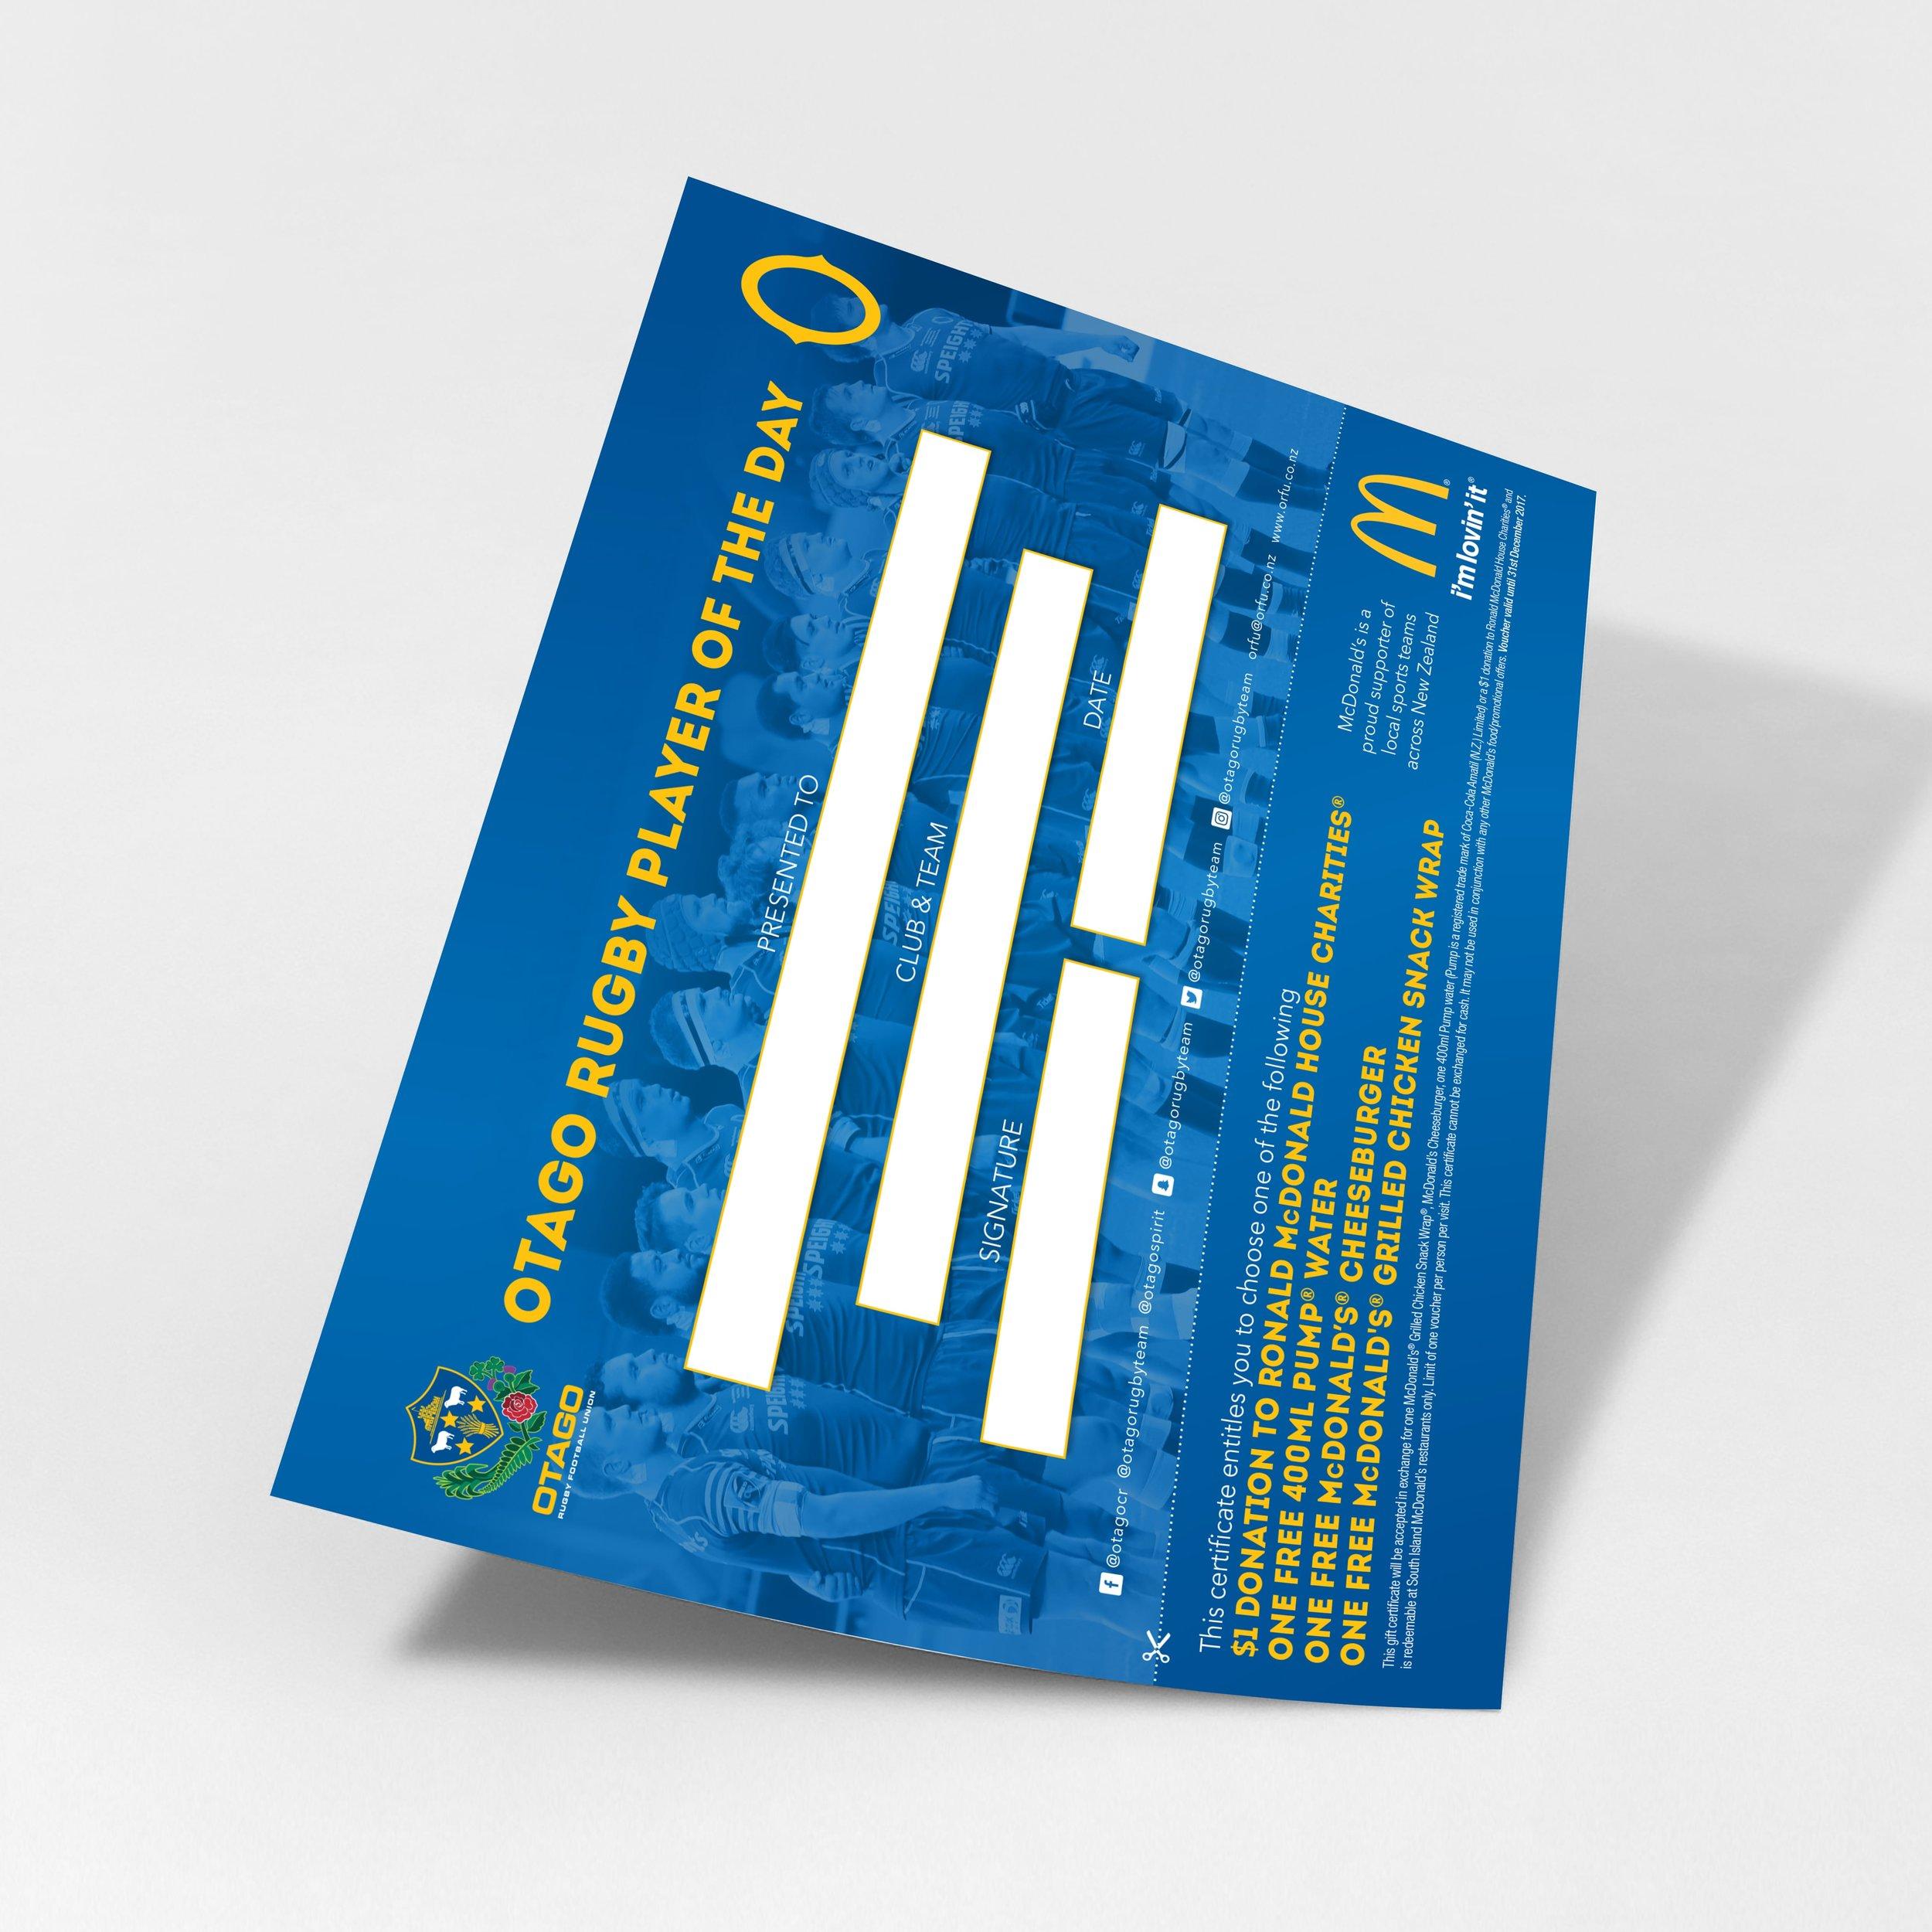 ORFU Certificate (square)-min.jpg